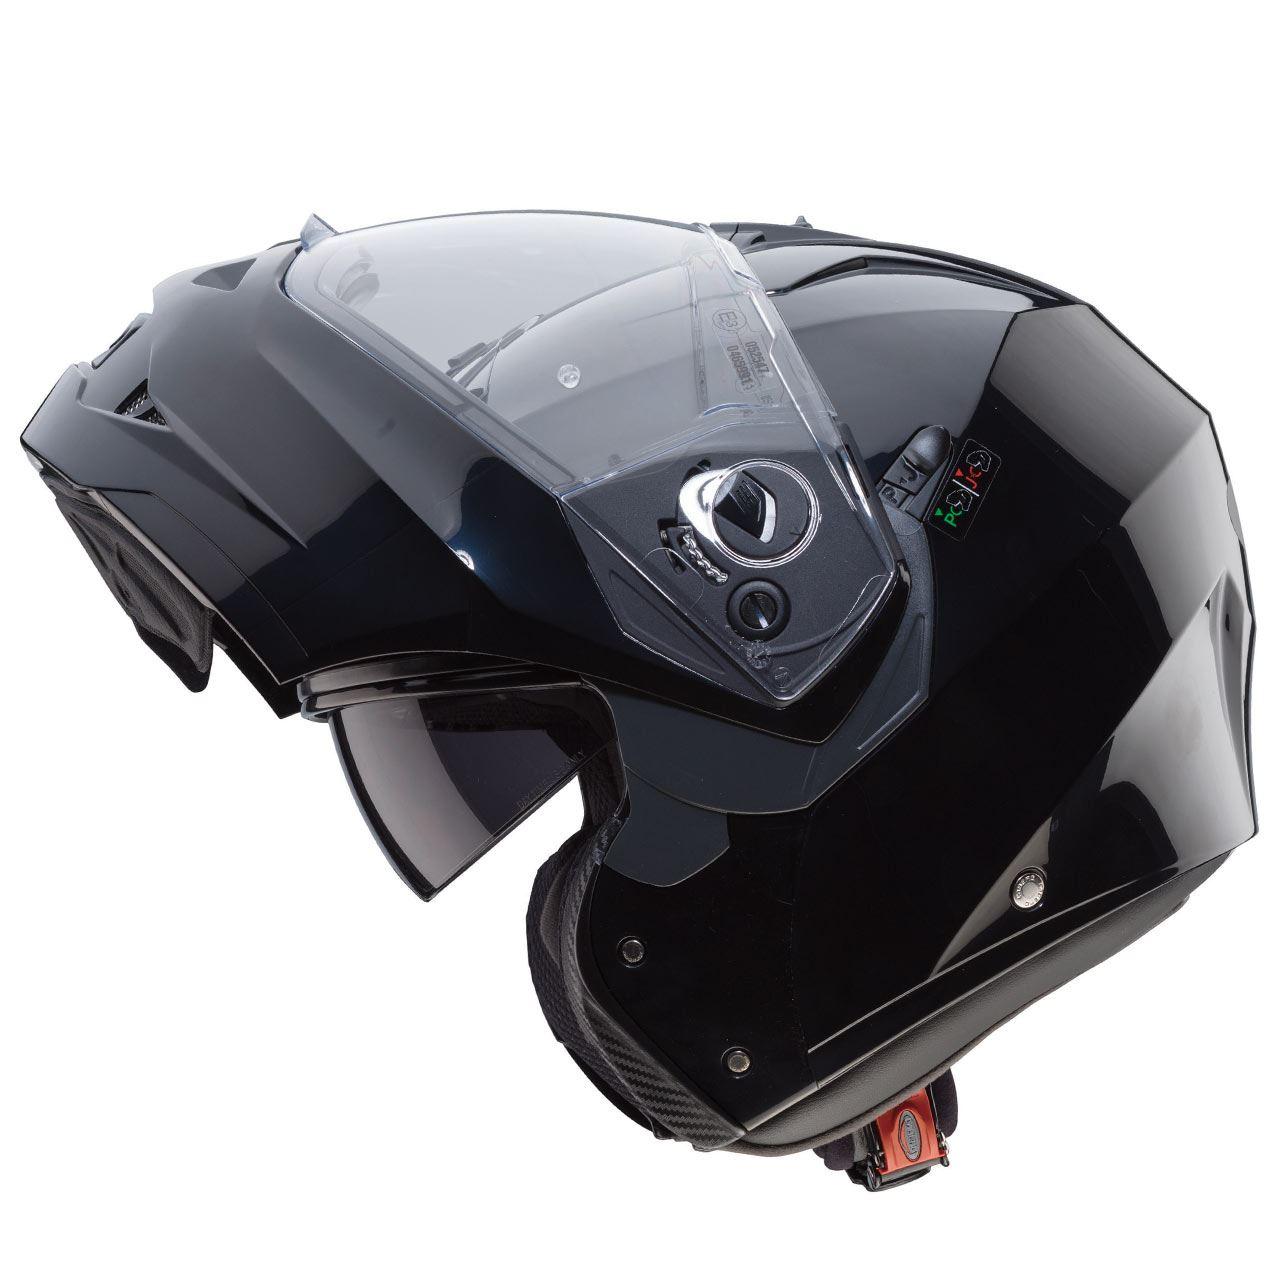 Caberg-Duke-II-Flip-Front-Motorcycle-Helmet-Modular-Bike-Sun-Visor-amp-Pinlock thumbnail 27